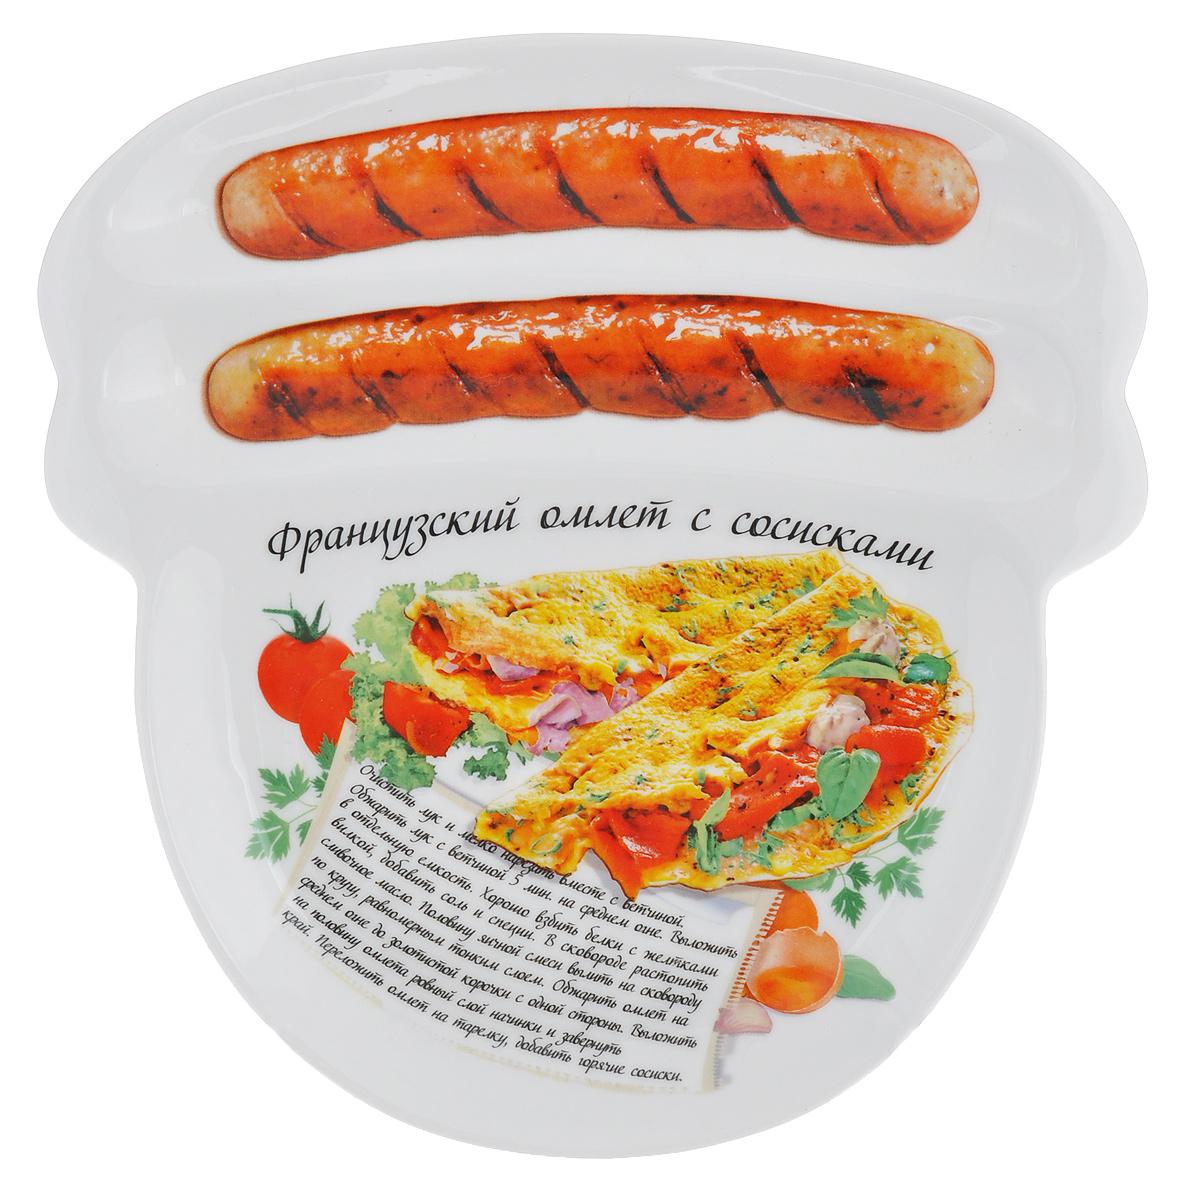 Блюдо для сосисок Larangе Французский омлет с сосисками, 23 см х 22,7 см х 1,6 см598-079Блюдо для сосисок Larange Французский омлет с сосисками изготовлено из высококачественной керамики. Изделие украшено изображением двух сосисок и рецепта французского омлета с сосисками. Тарелка имеет три отделения: два маленьких отделения для сосисок и одно большое отделение для яичницы или другого блюда. В комплект входят лучшие рецепты от шефа. Можно использовать в СВЧ печах, духовом шкафу, холодильнике. Можно мыть в посудомоечной машине. Не применять абразивные чистящие вещества. Размер блюда: 23 см х 22,7 см х 1,6 см.